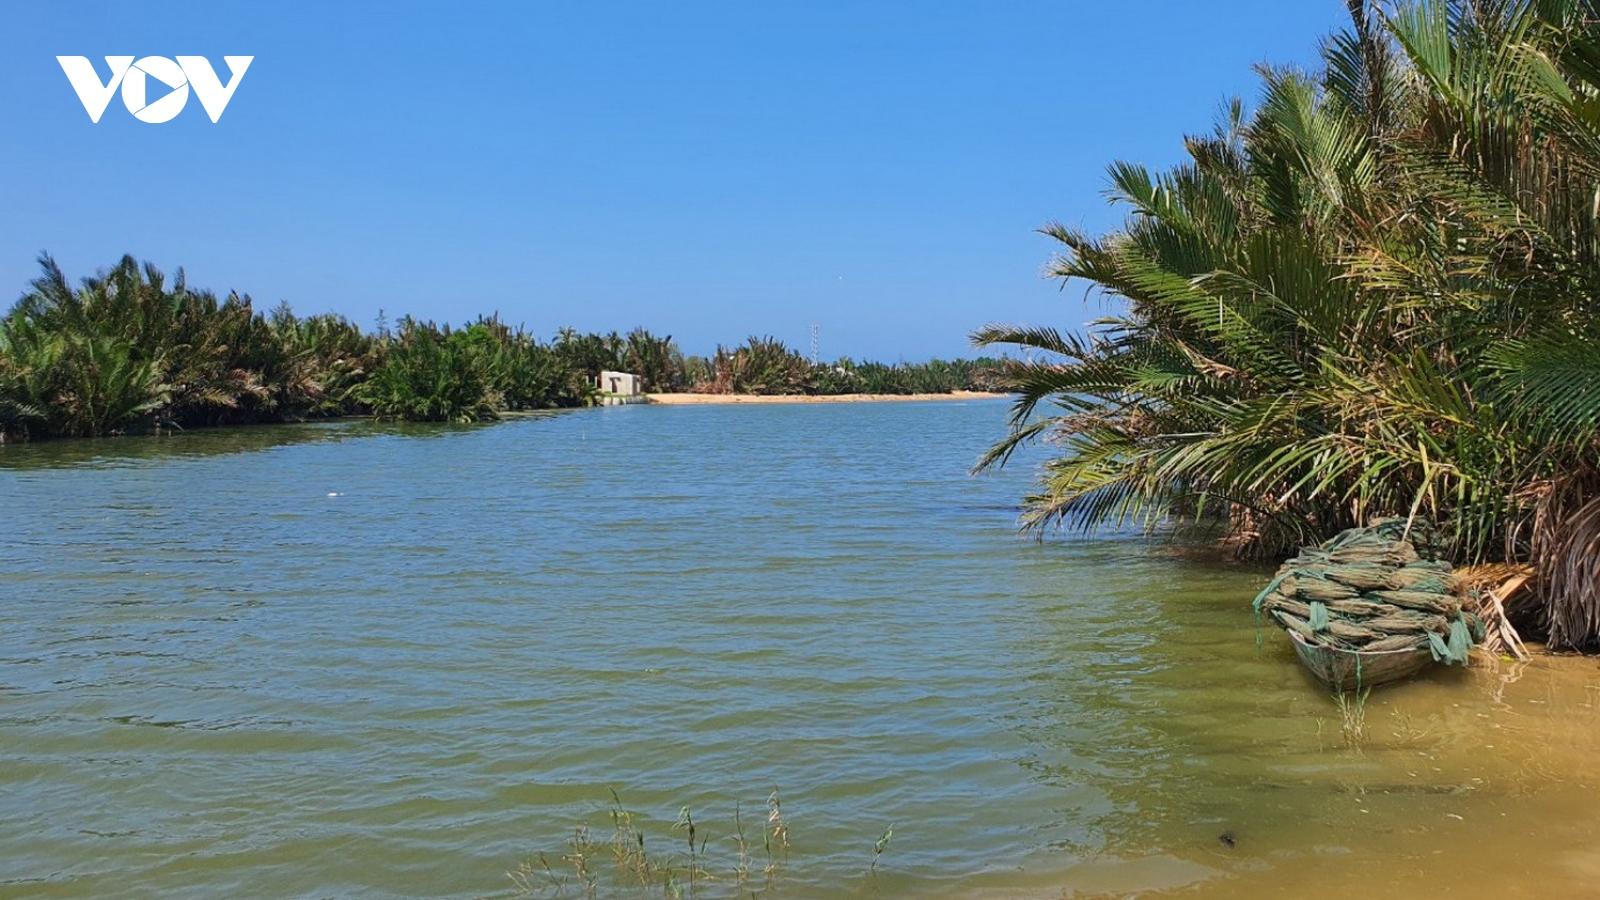 Quảng Nam chuyển đổi mục đích 35ha rừng cho thủy điện và khu đô thị